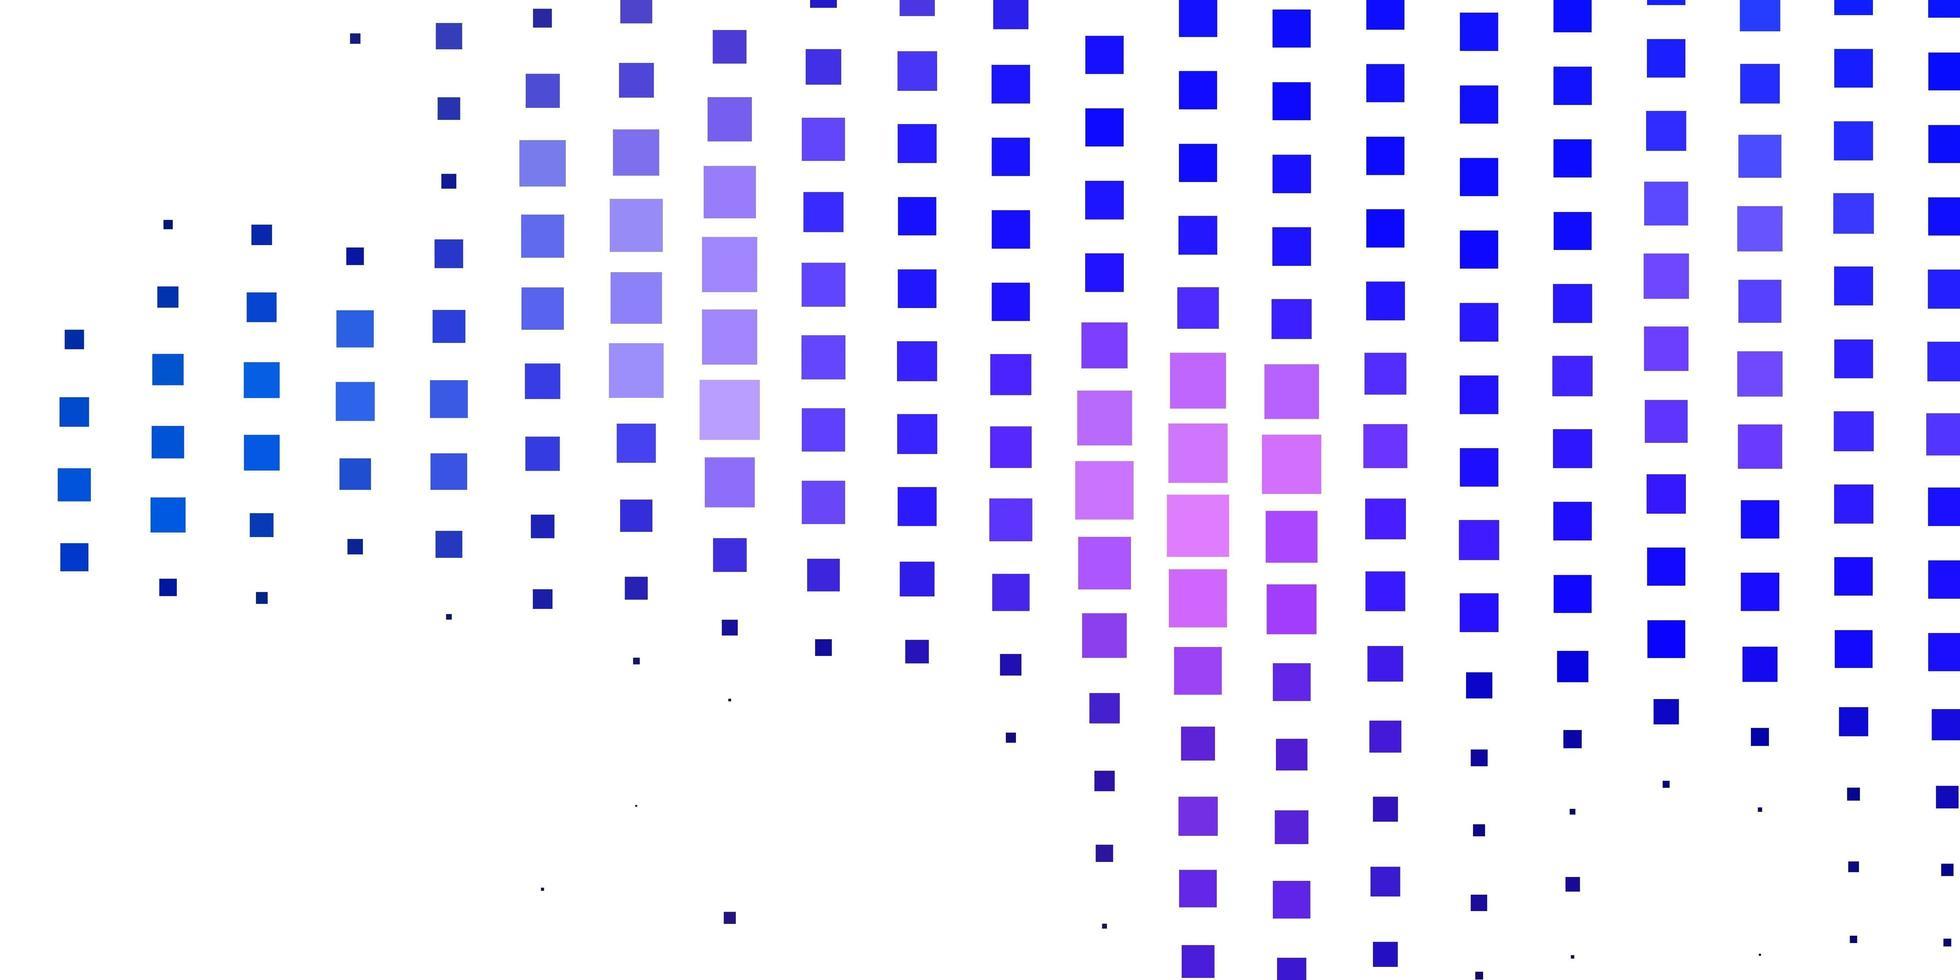 mise en page de vecteur rose foncé, bleu avec des lignes, des rectangles.